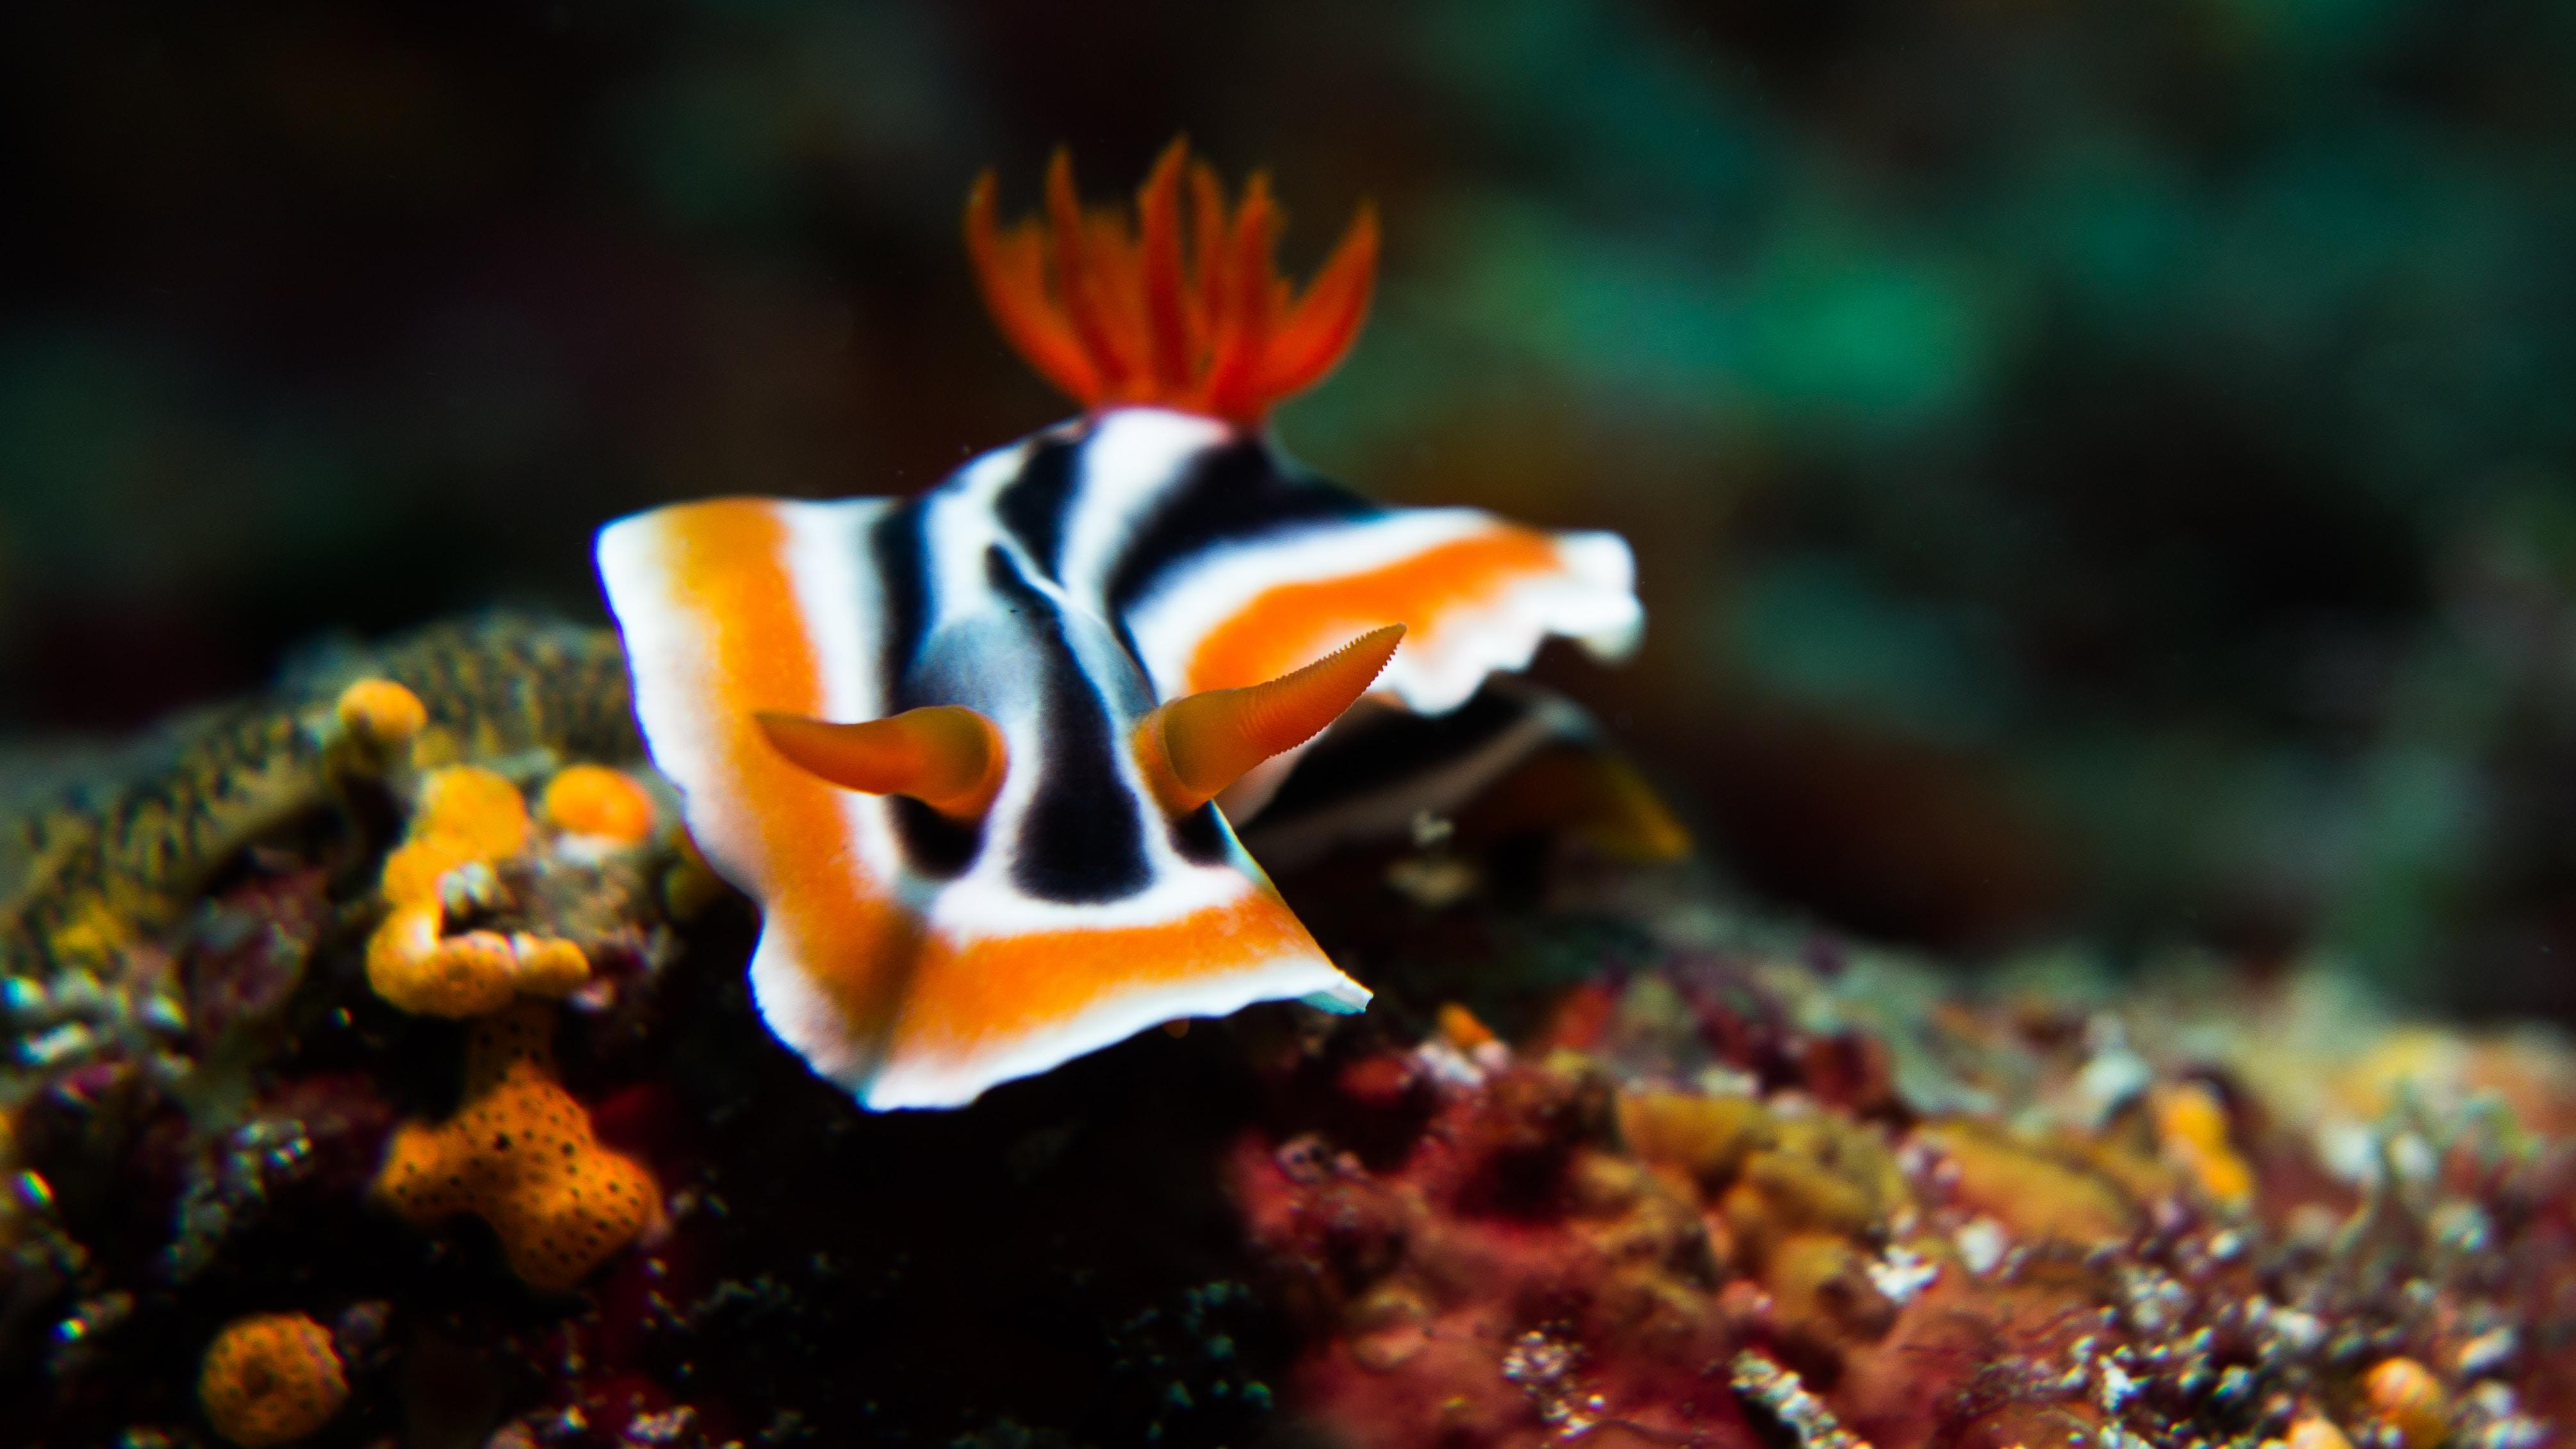 white, black, and orange sea creature photograph